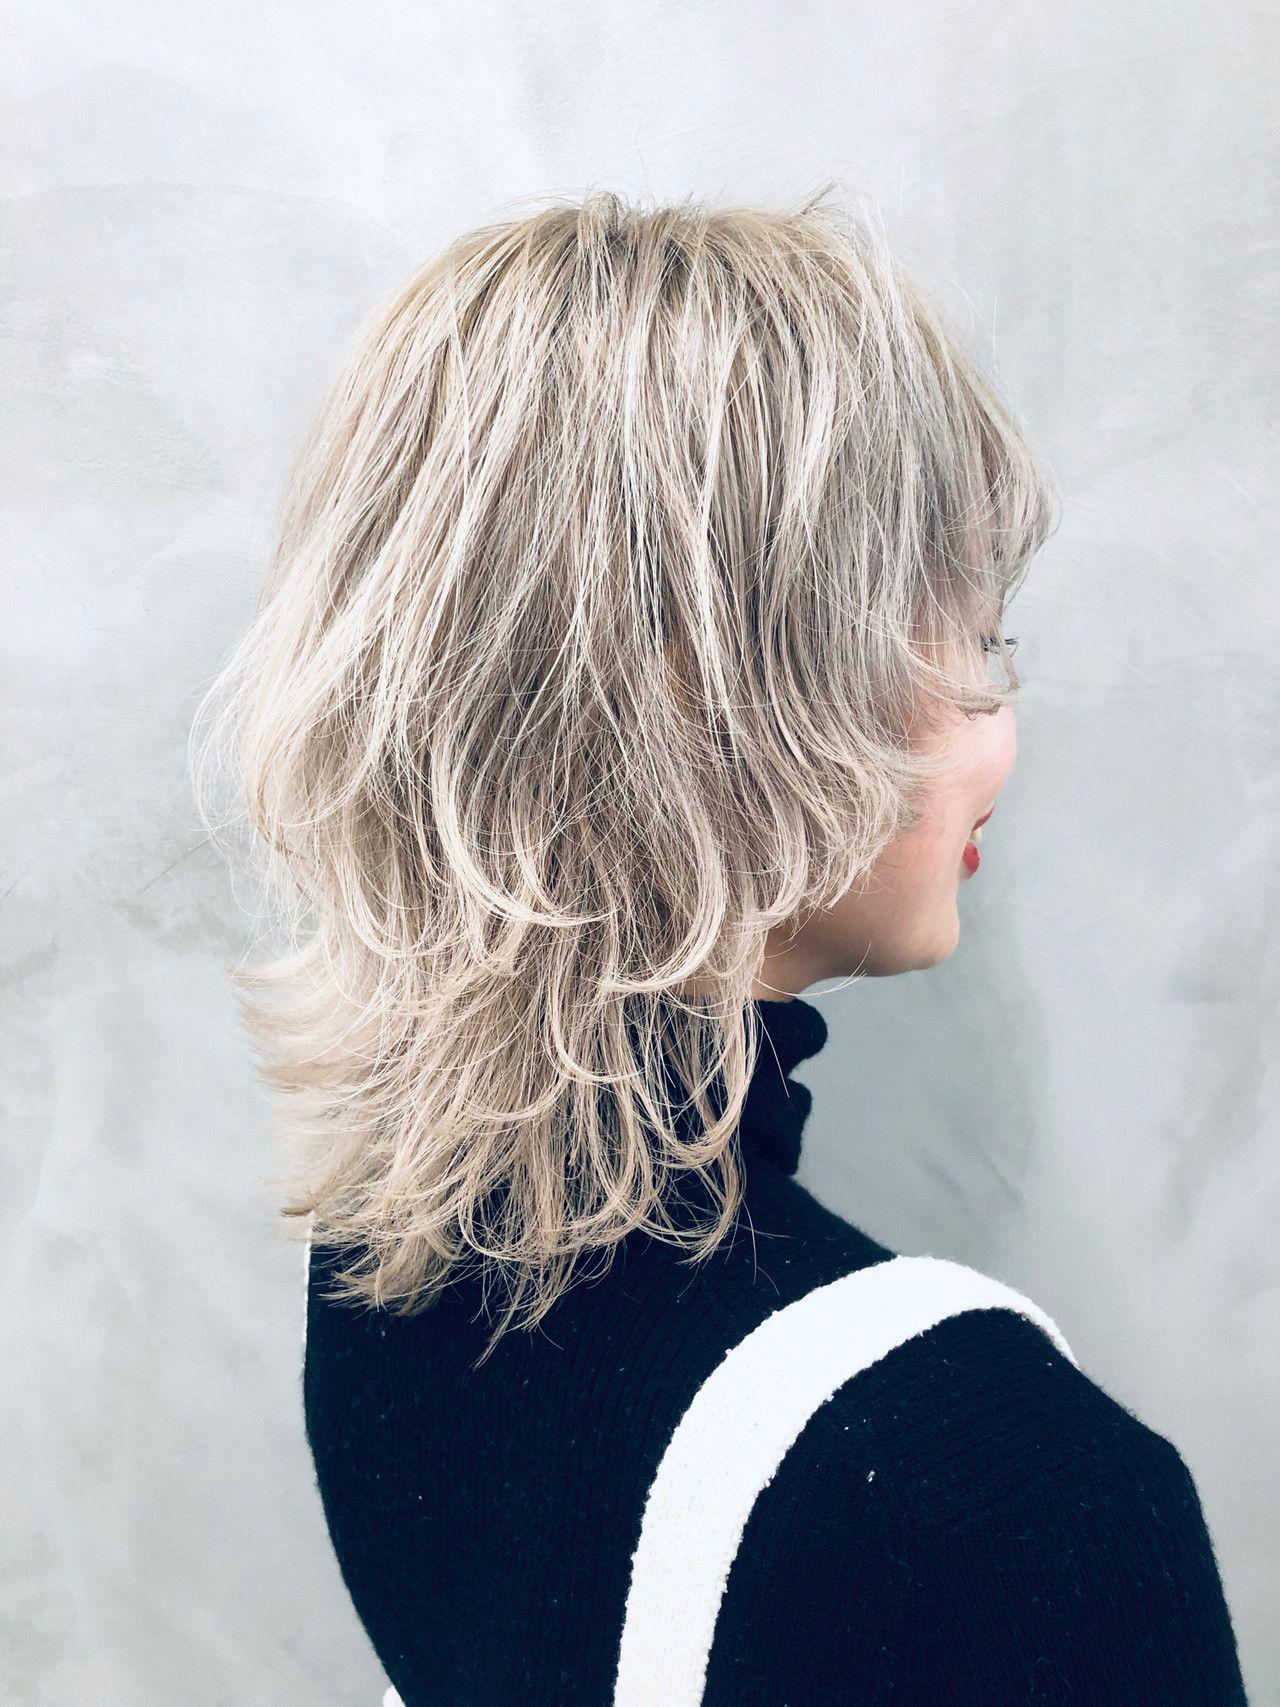 ミディアム ストリート ウルフカット イルミナカラー ヘアスタイルや髪型の写真 画像 ヘアスタイリング レイヤーカットヘア グランジヘアー